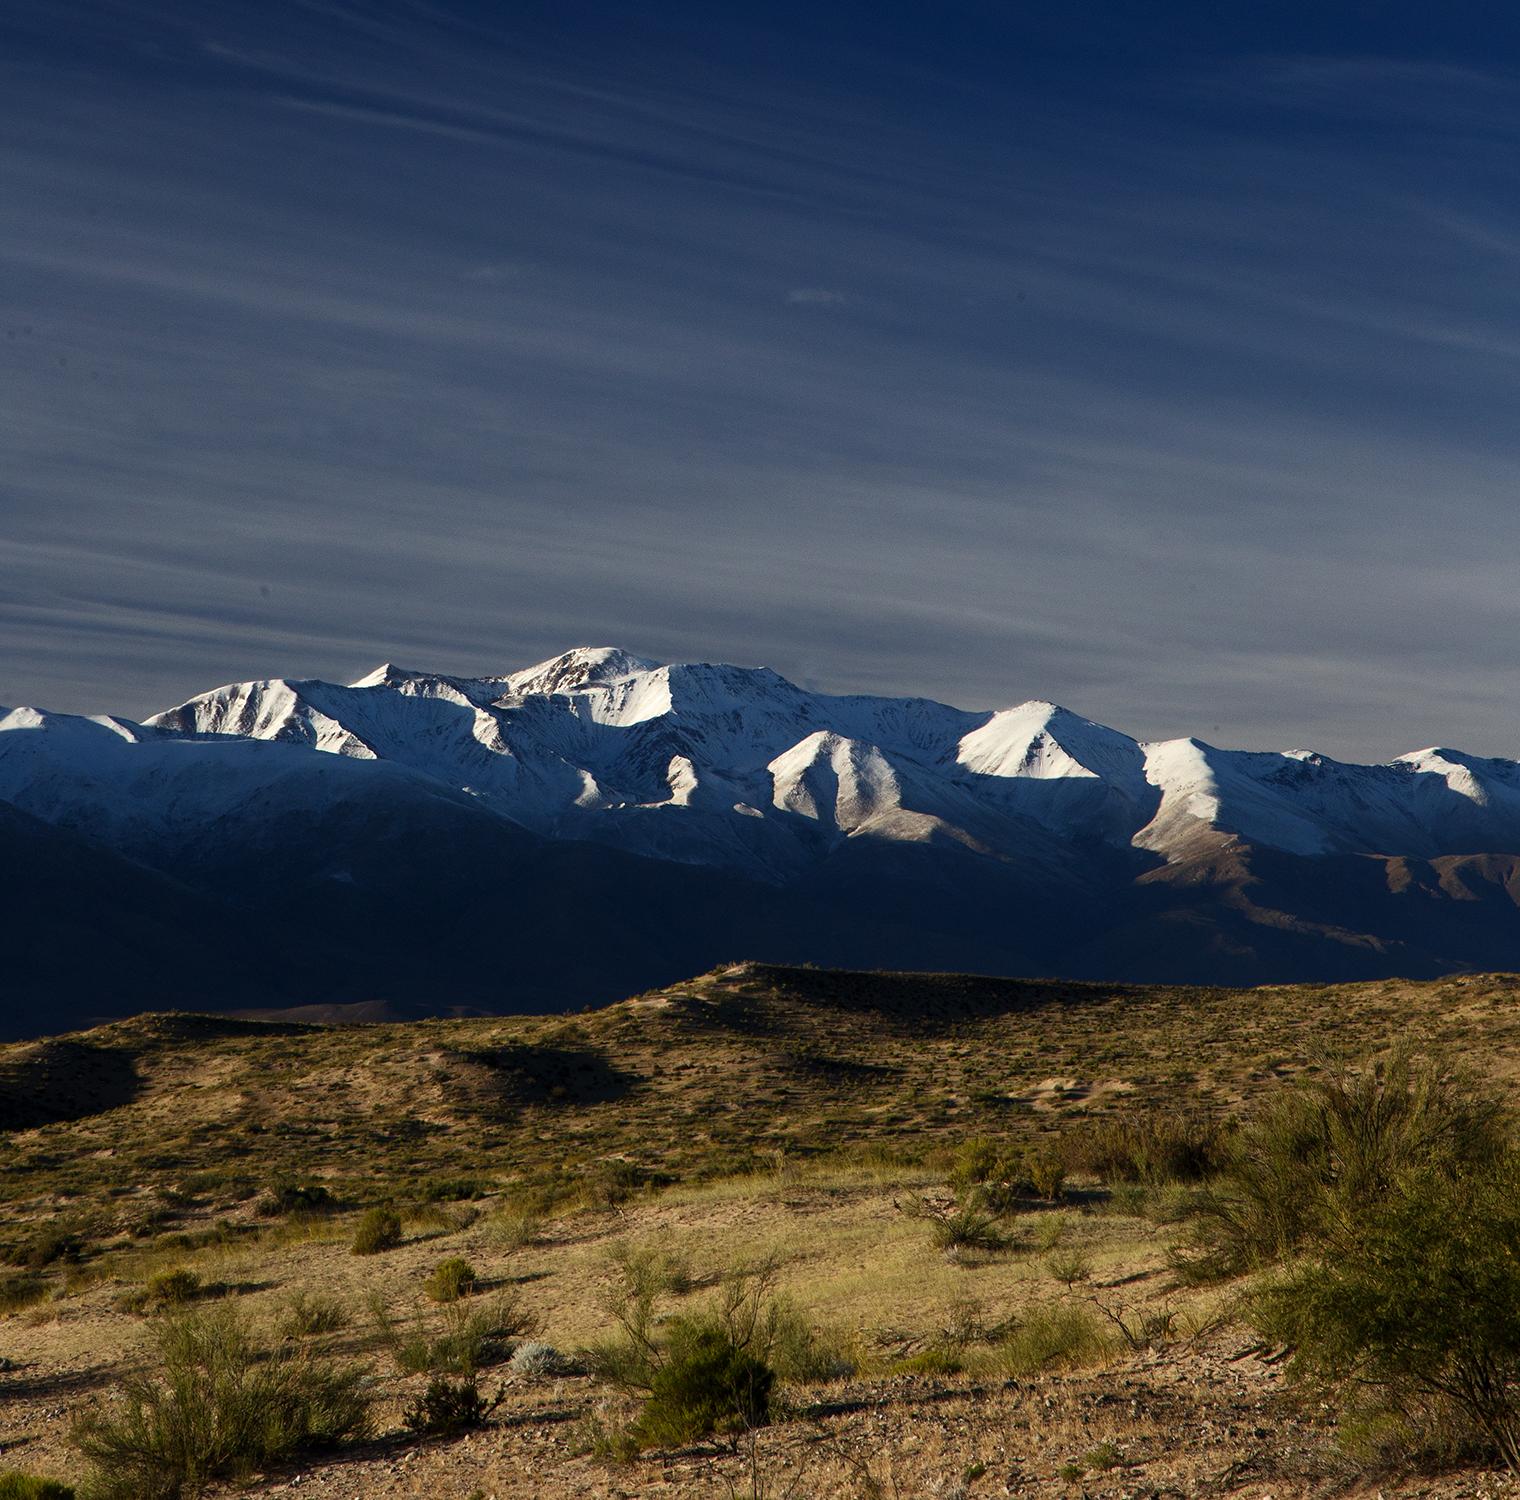 Altiplano 17, Gallery 3 – La Rioja, Tafi del Valle, Cafayate